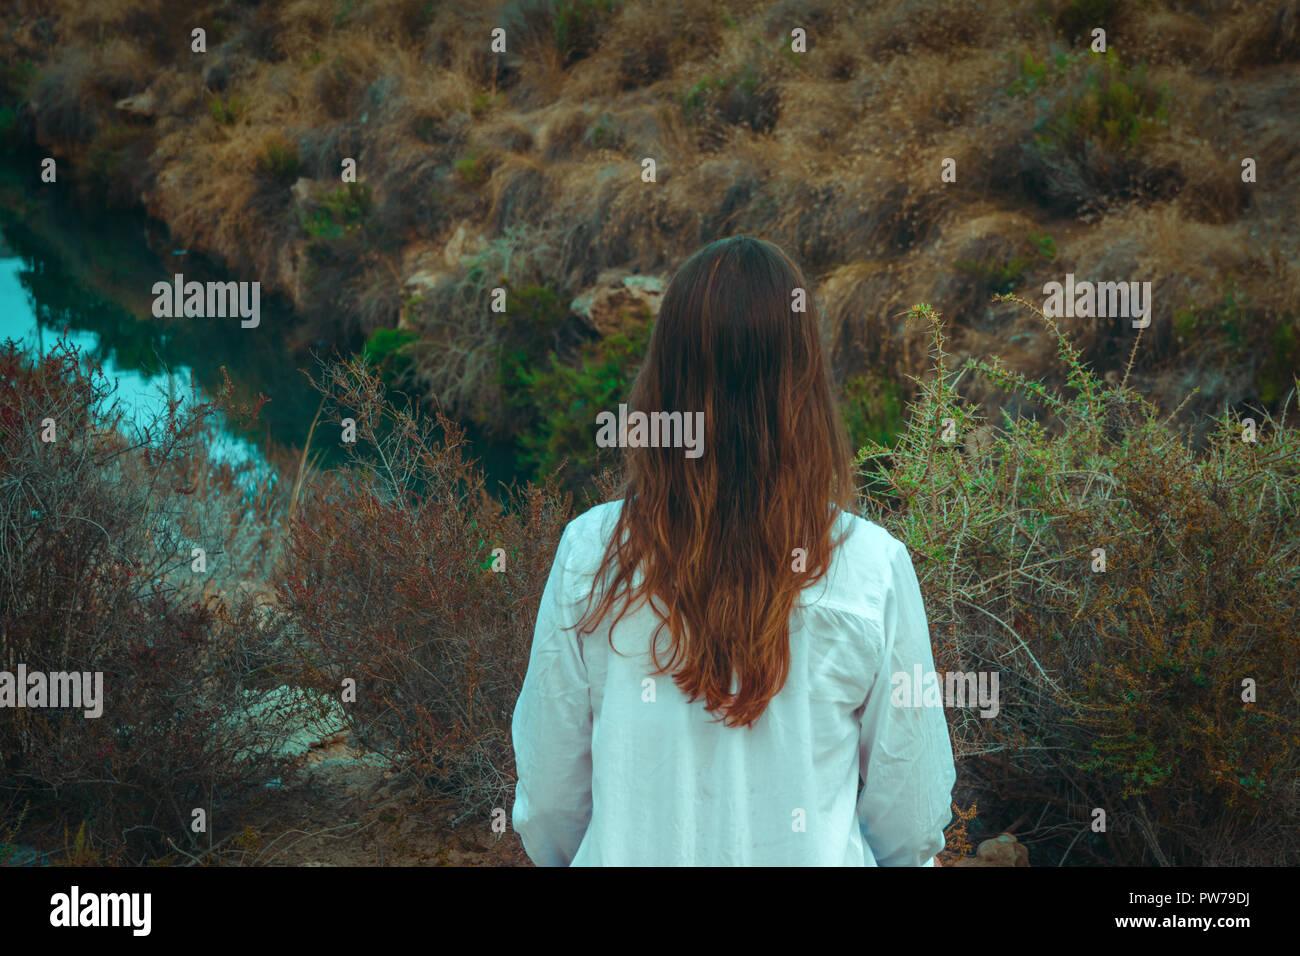 f43d74ead Joven mujer caucásica con largo cabello castaño en camisa de lino blanco  permanente del río mira